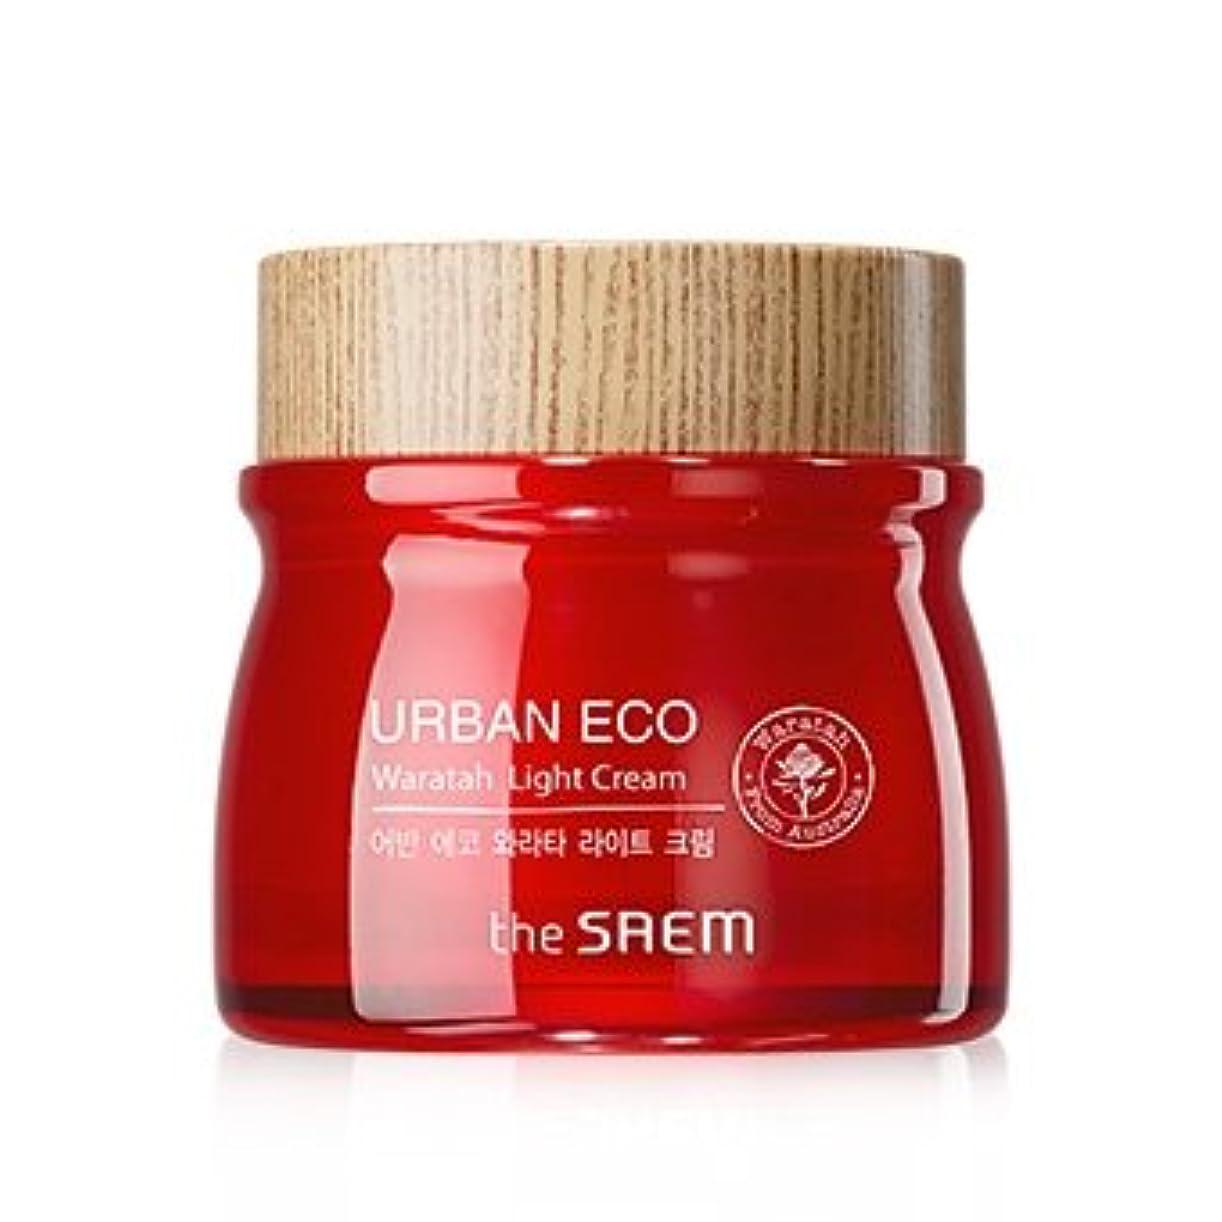 ピボットロンドンボタンThe Saem Urban Eco Waratah Light Cream 60ml ドセム アーバンエコワラターライトクリーム60ml[並行輸入品]